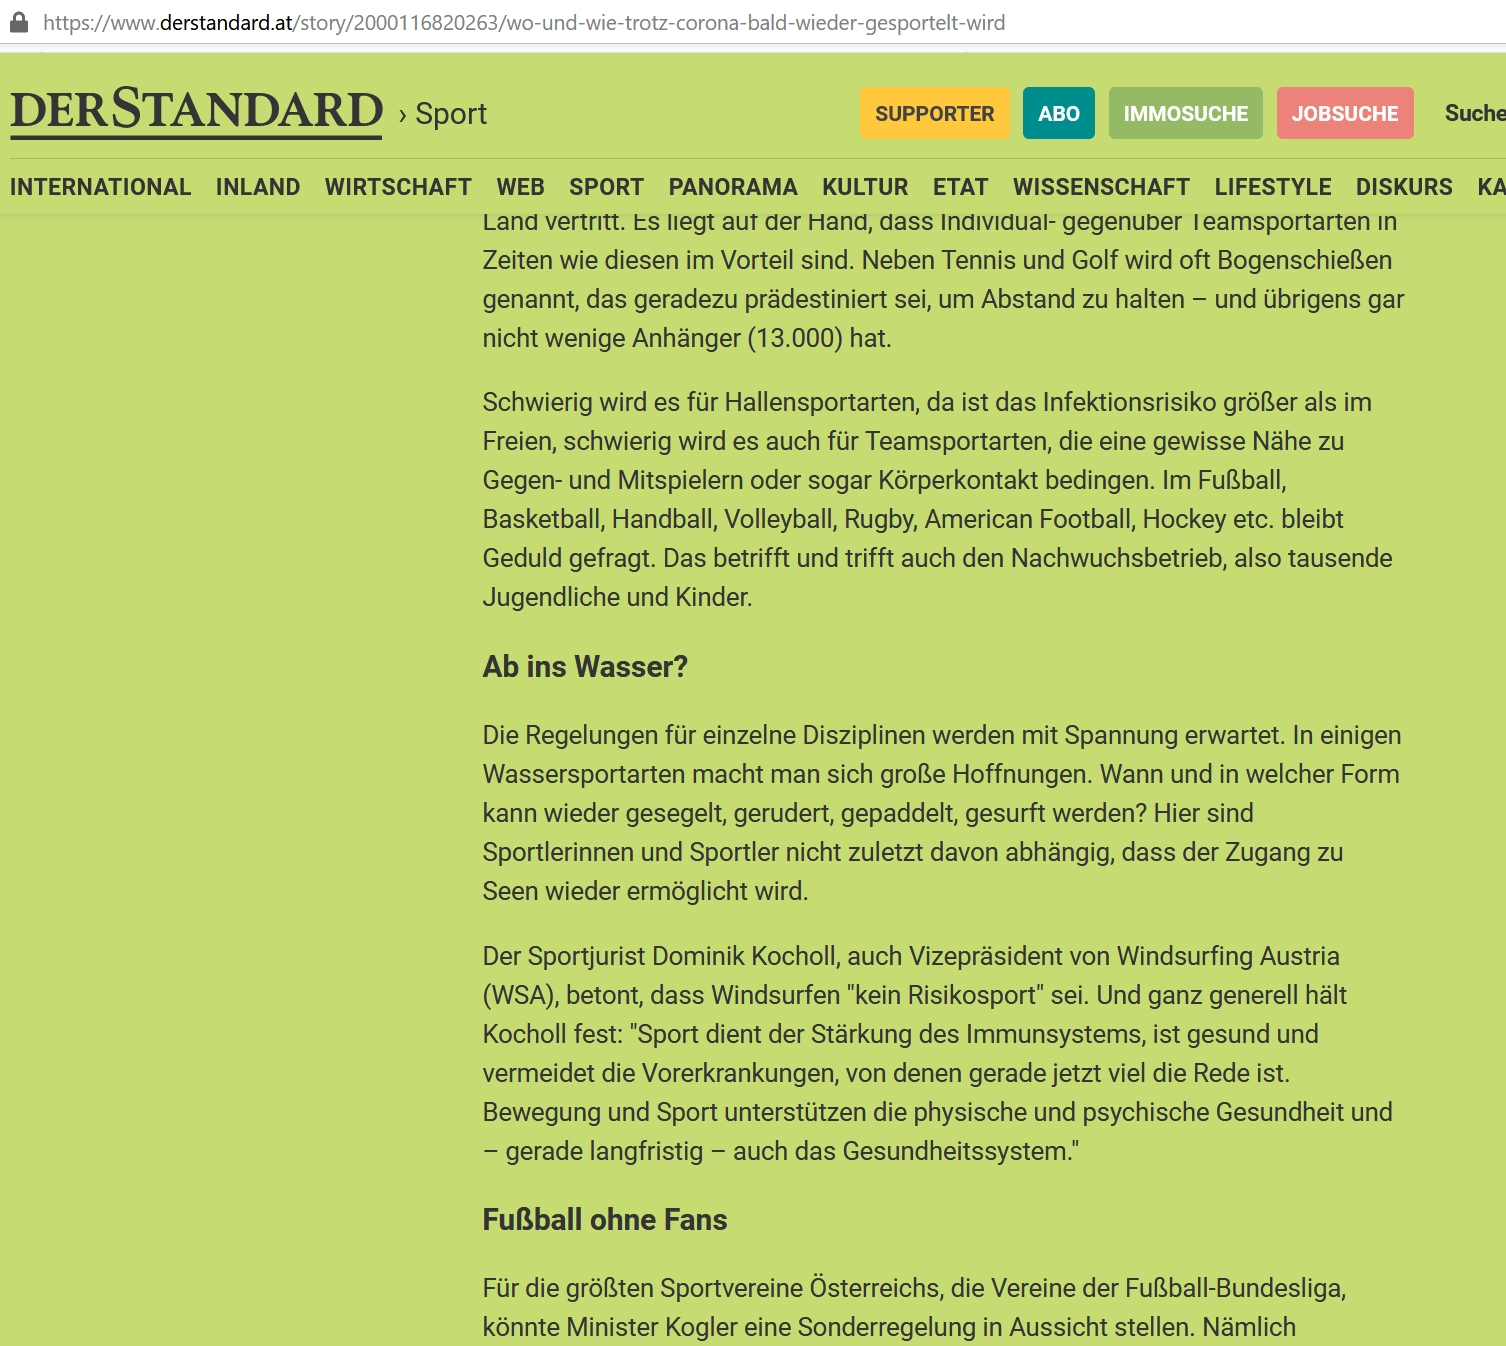 Zeitungsartikel DerStandard - Wo und wie trotz Corona bald wieder gesportelt wird